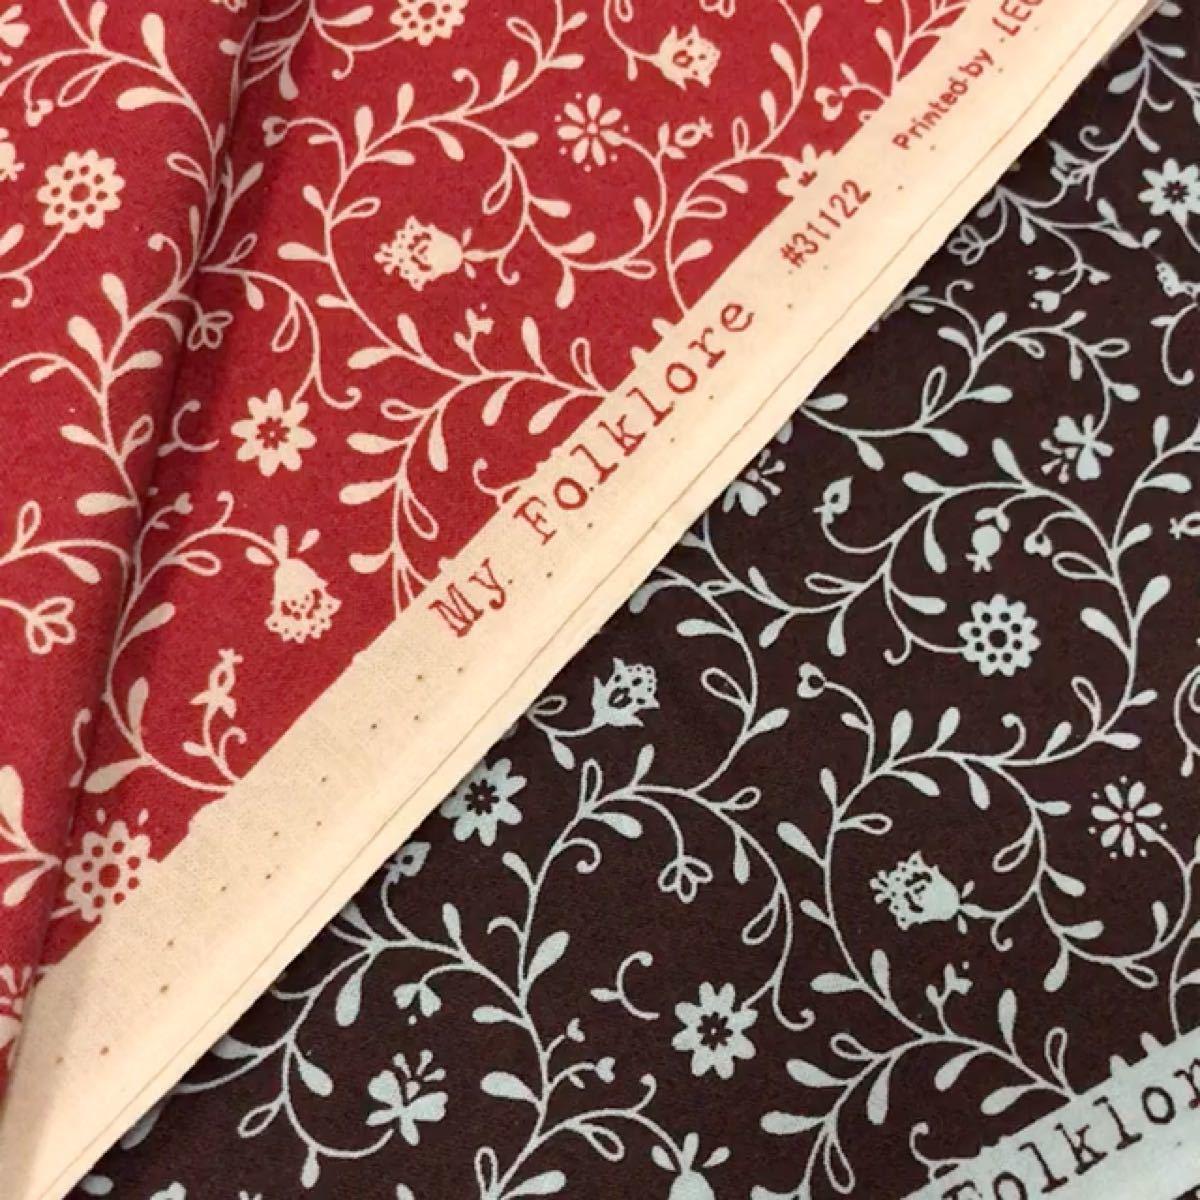 〈 1枚あたり550円!最終価格 〉 LECIEN ルシアン My Folklore フォークロア 花柄セット 茶ミント/赤生成り